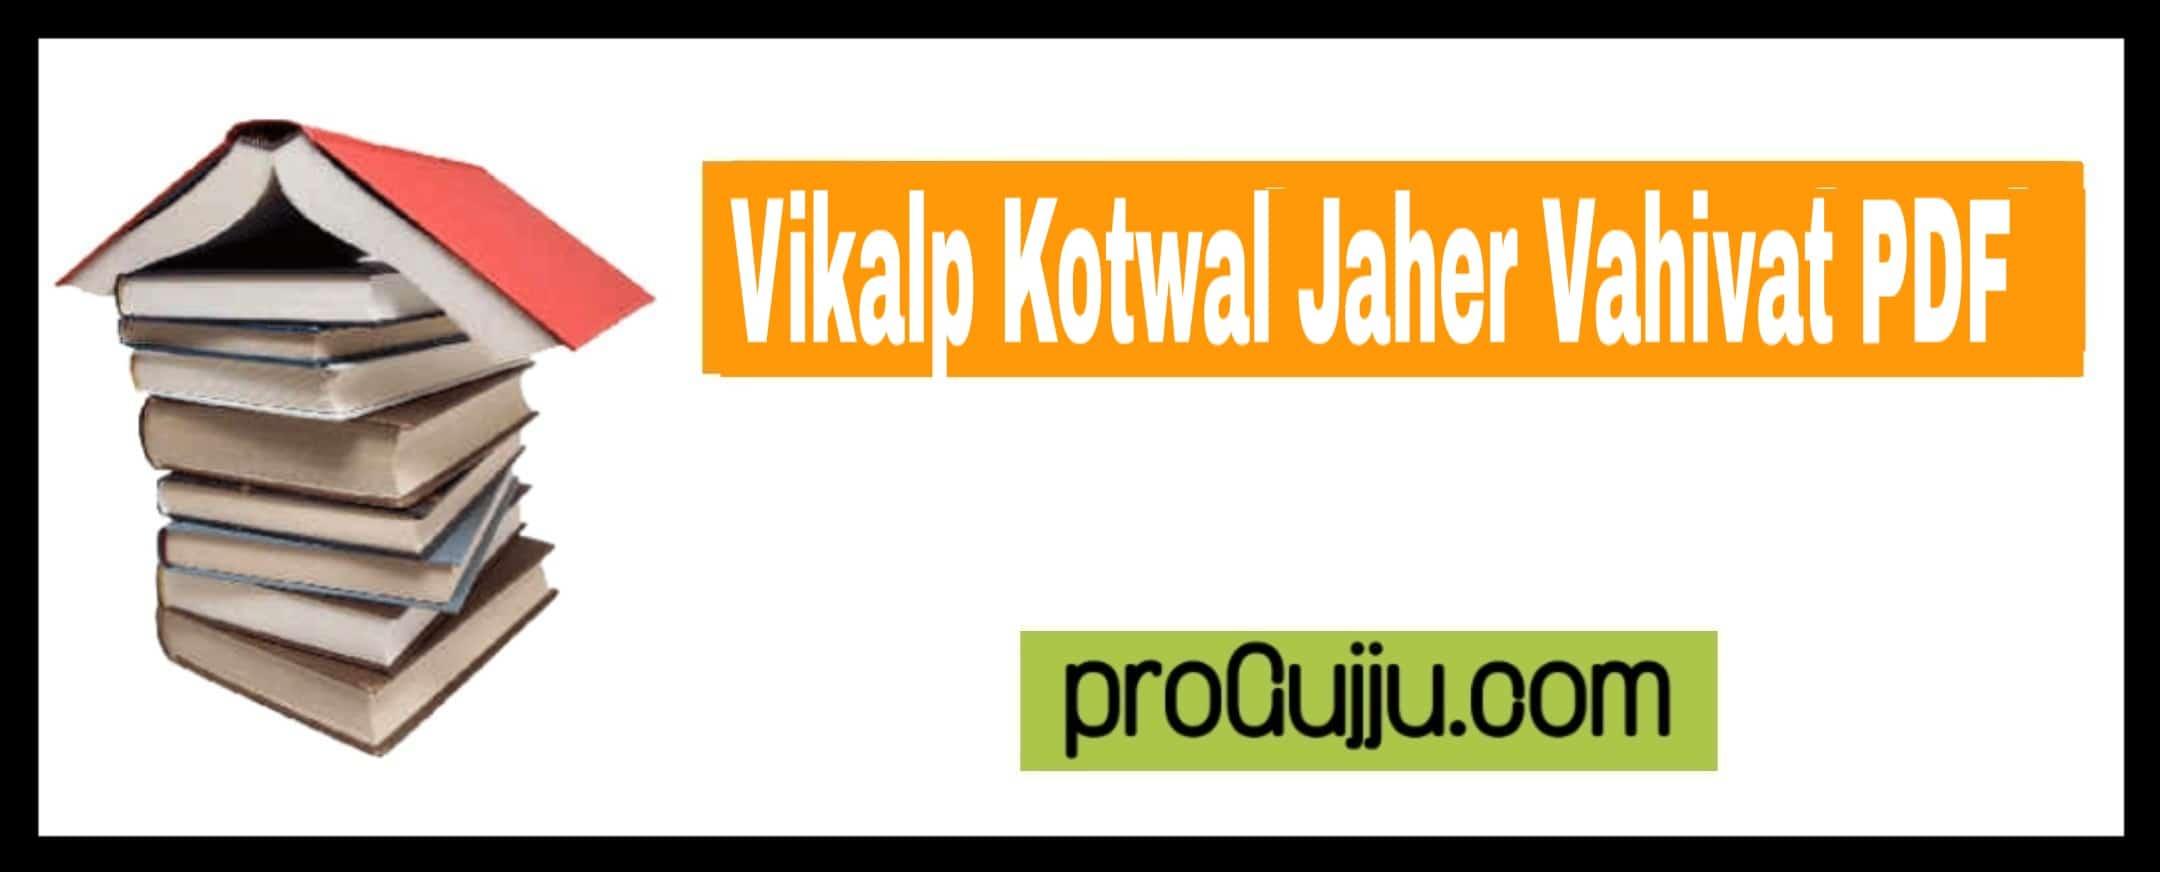 Vikalp Kotwal Jaher Vahivat PDF